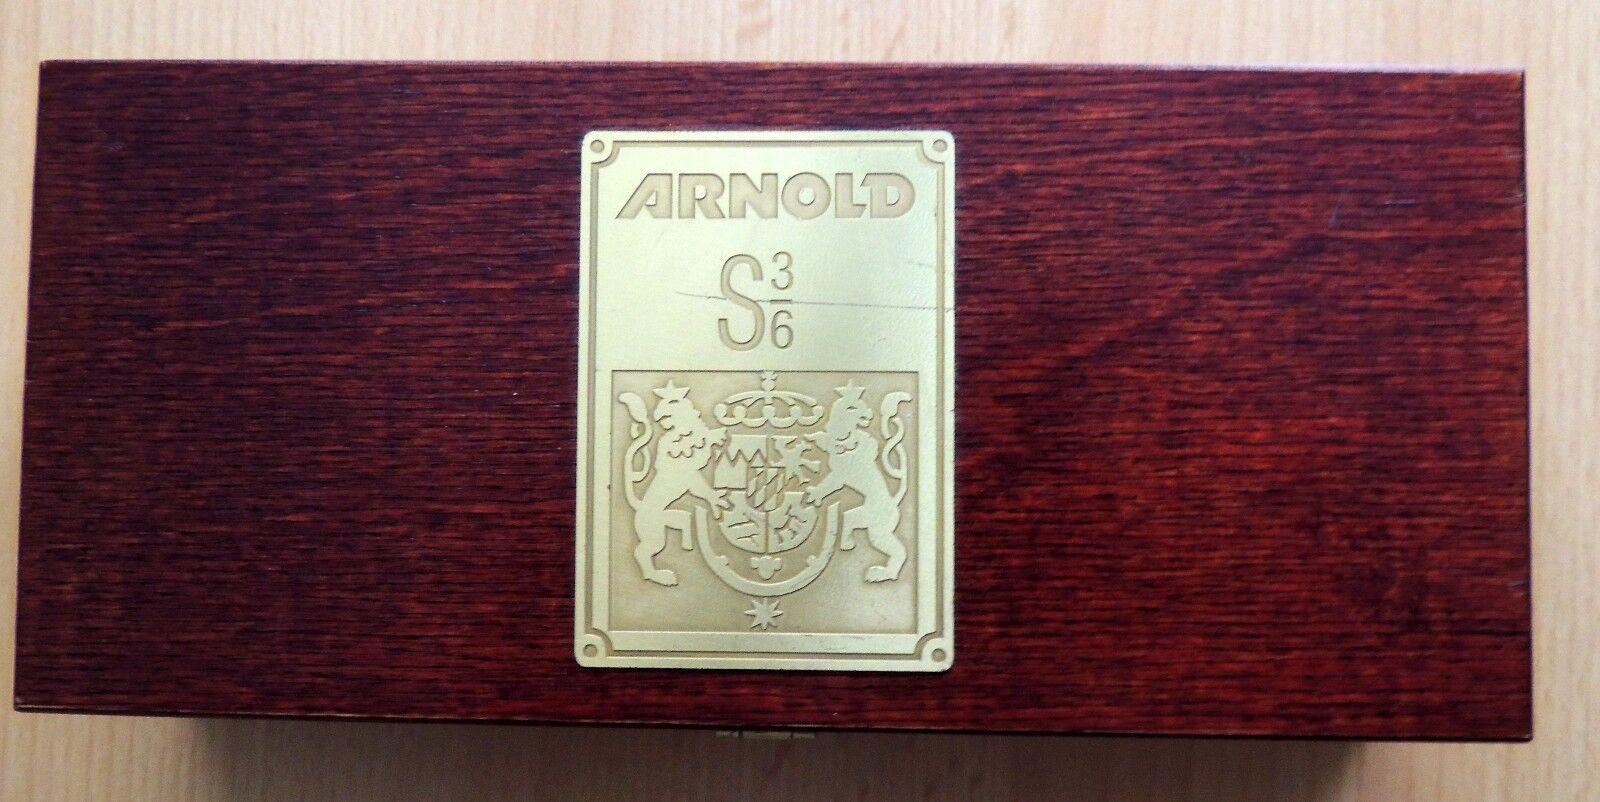 Arnold   2547  STILO Tenderlok, S 3/6, OCRA/Nero   oggetto da collezione   Ovp